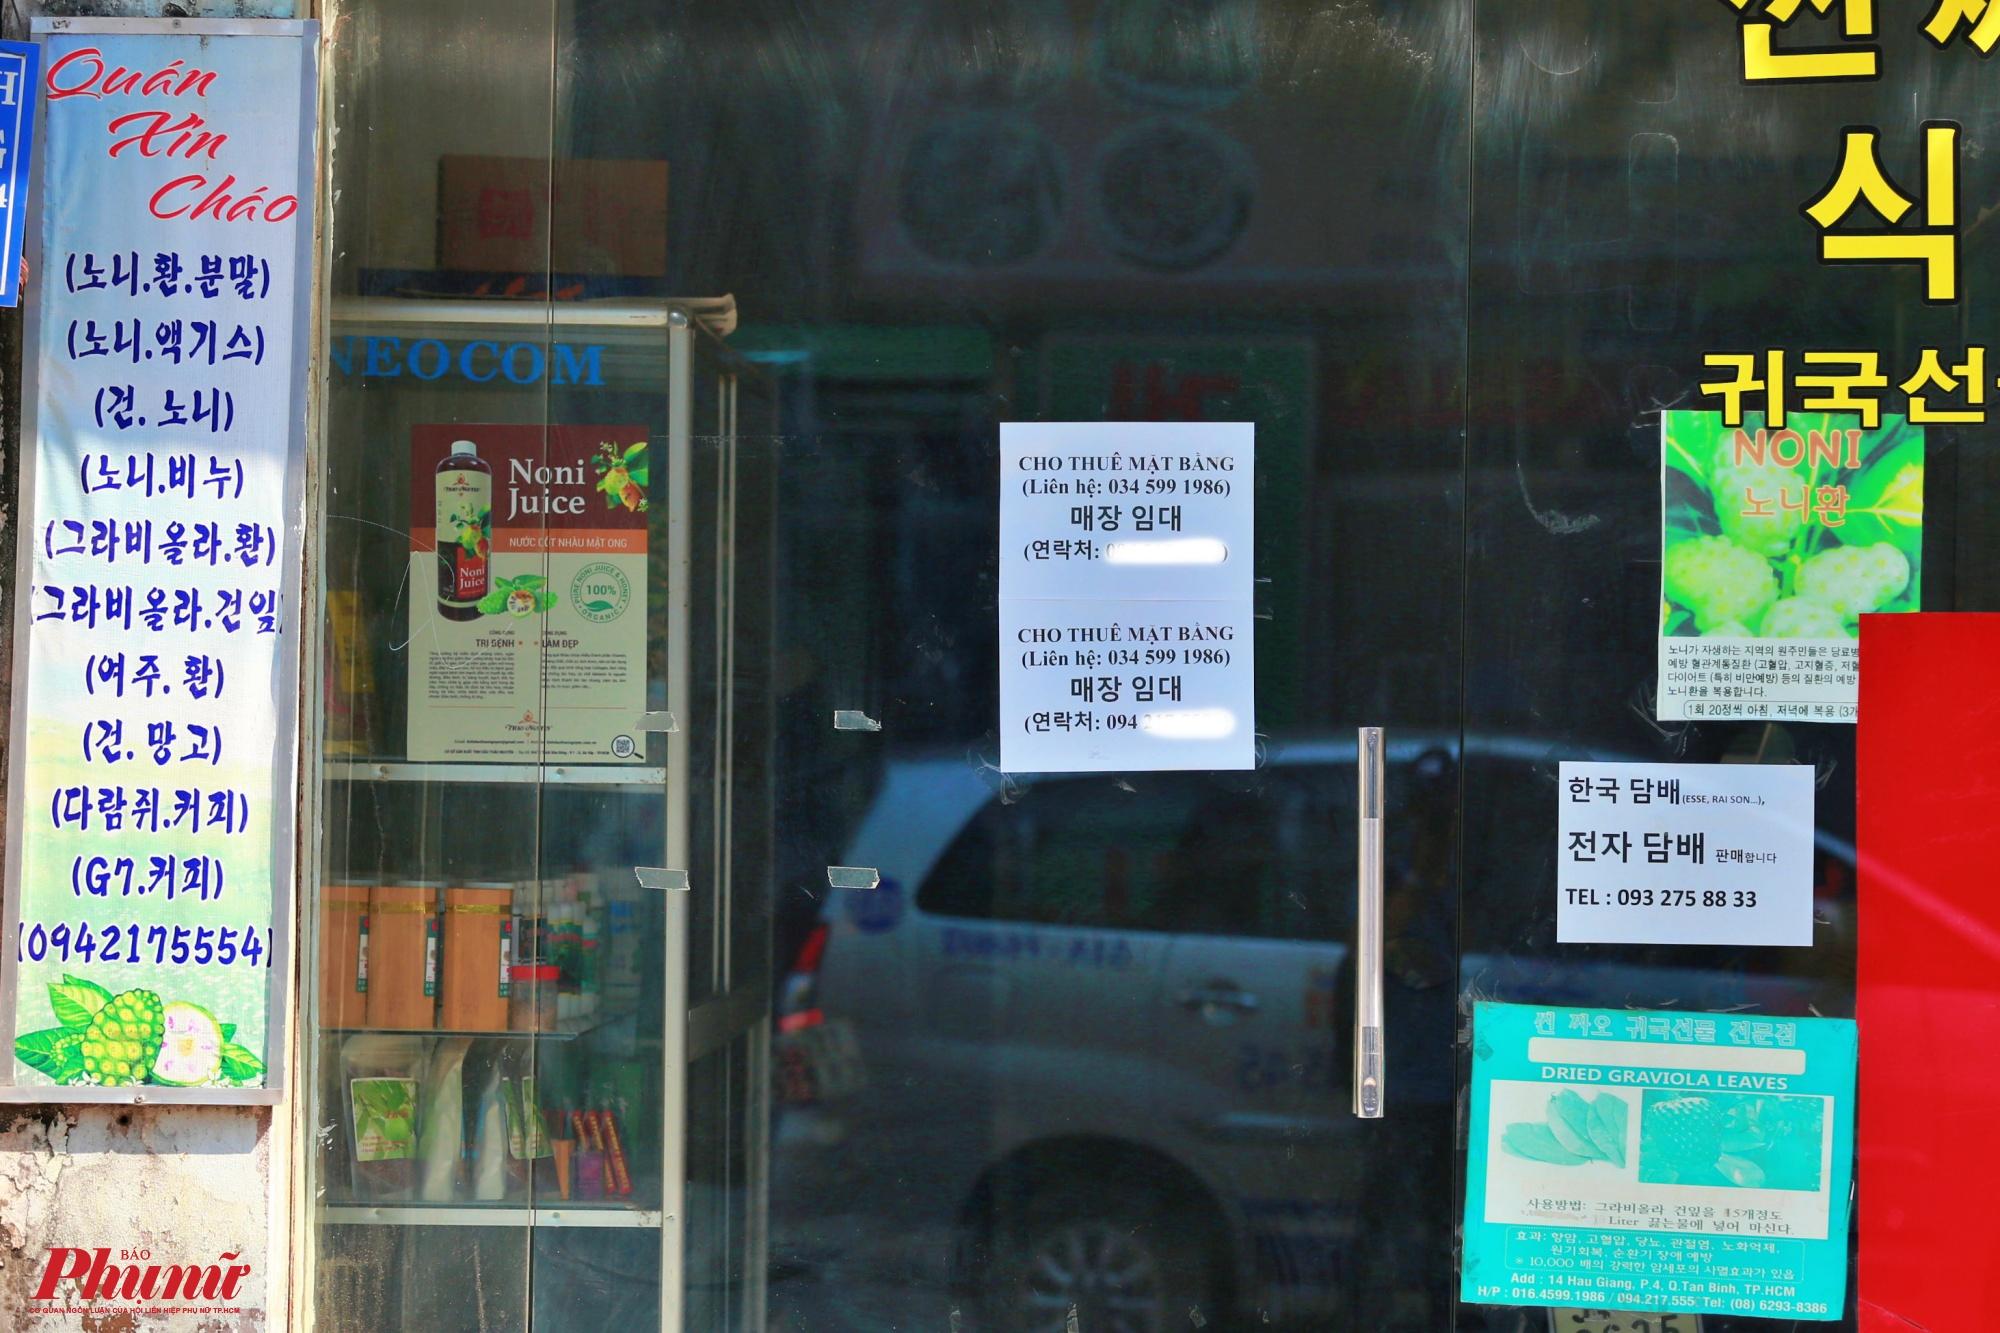 Một cửa hàng chuyên bán đồ Hàn Quốc đã đóng cửa và treo bảng cho thuê mặt bằng vì kinh doanh liên tục thua lỗ